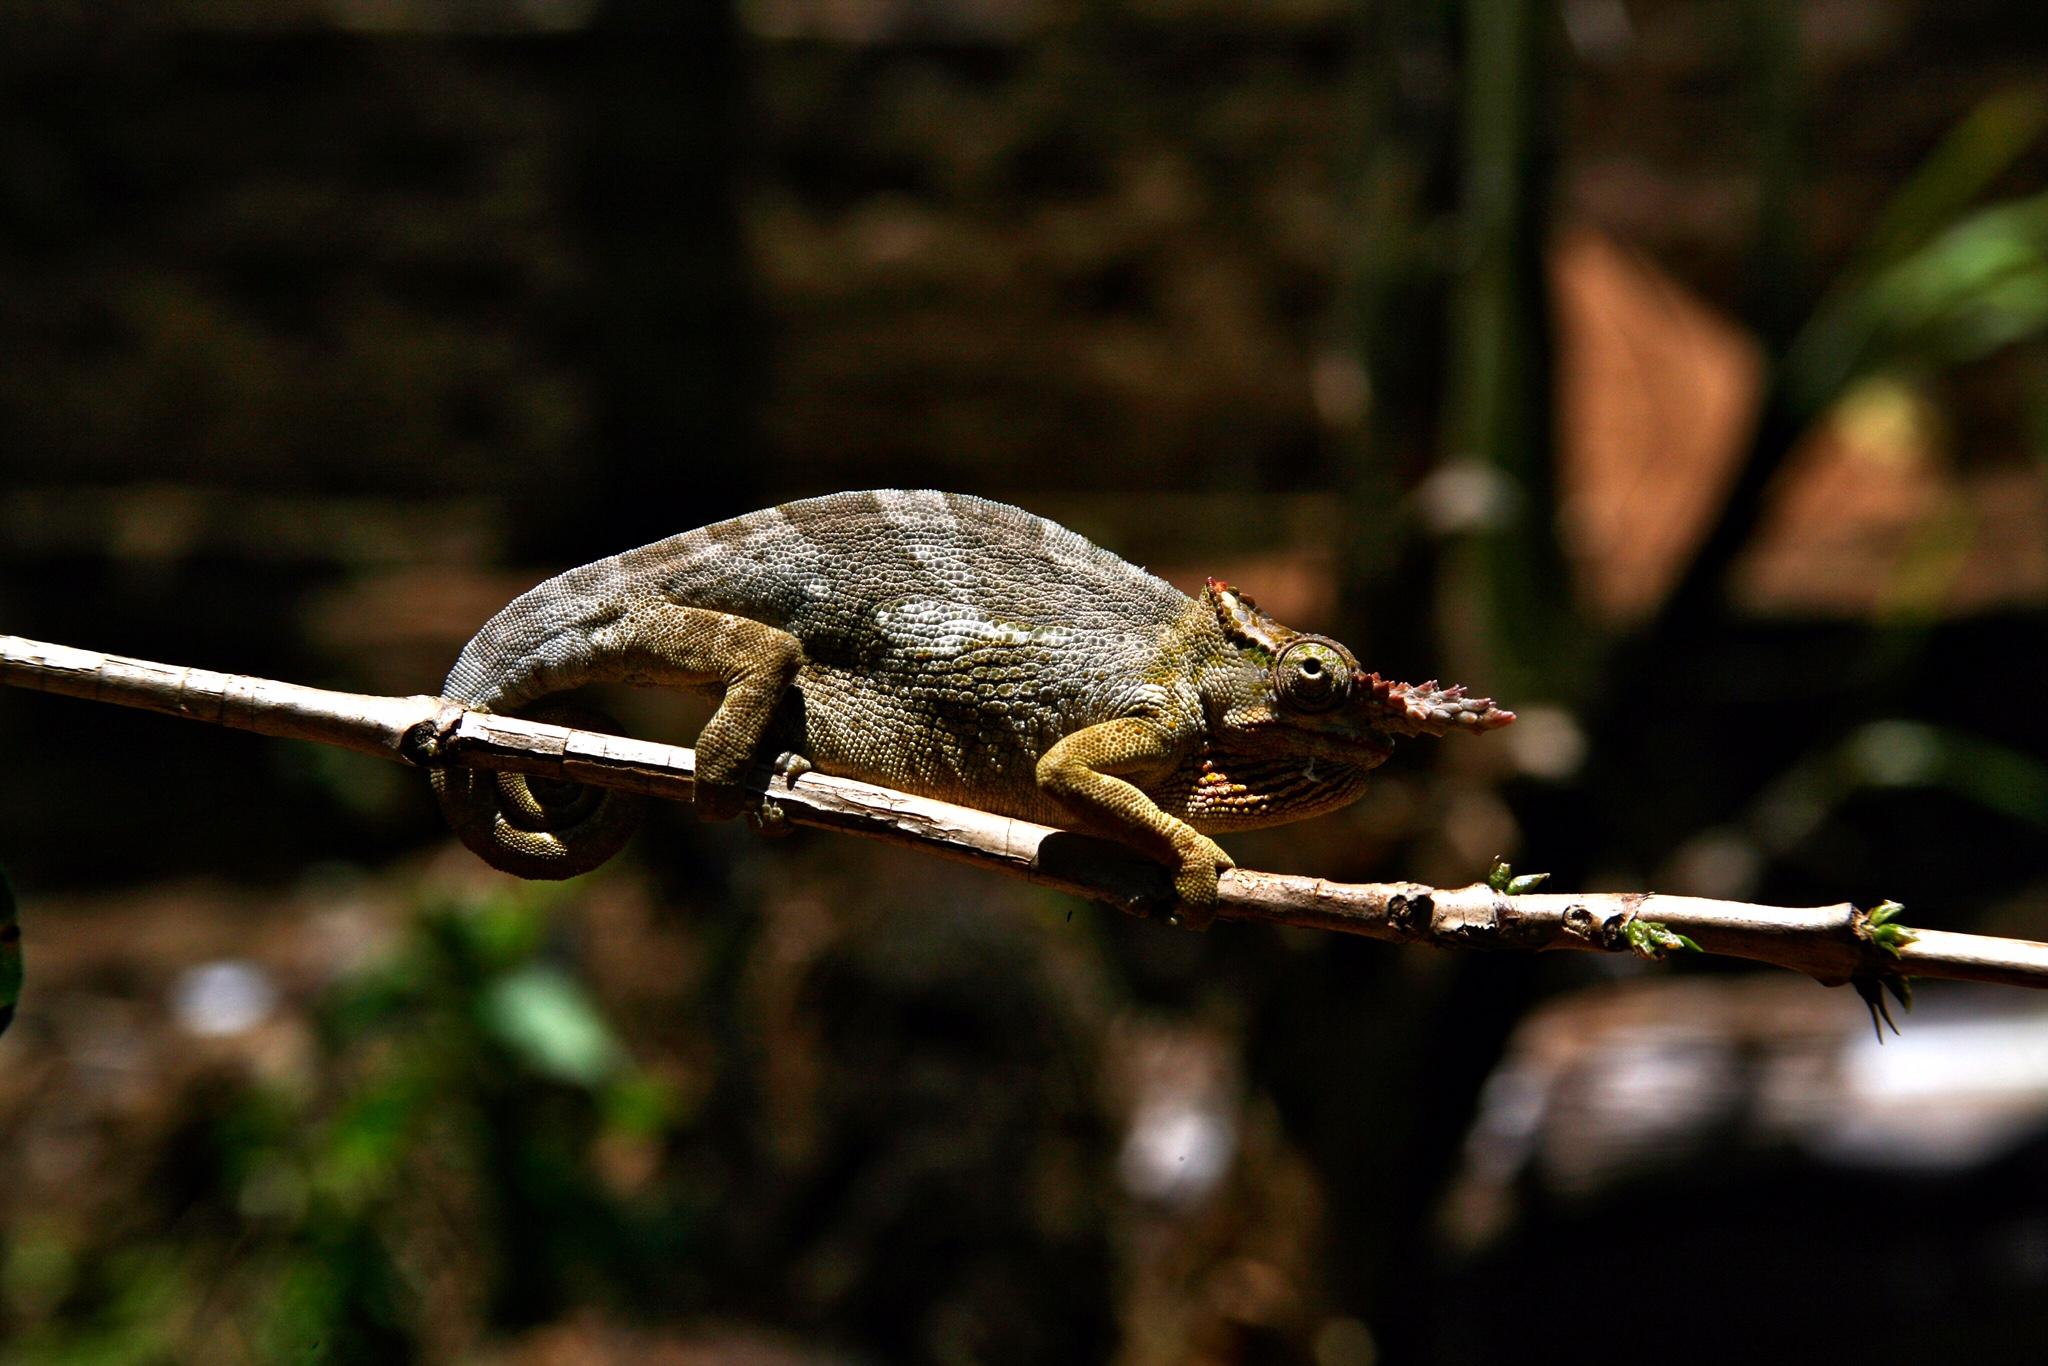 Reptile in Mount Kilimanjaro National Park